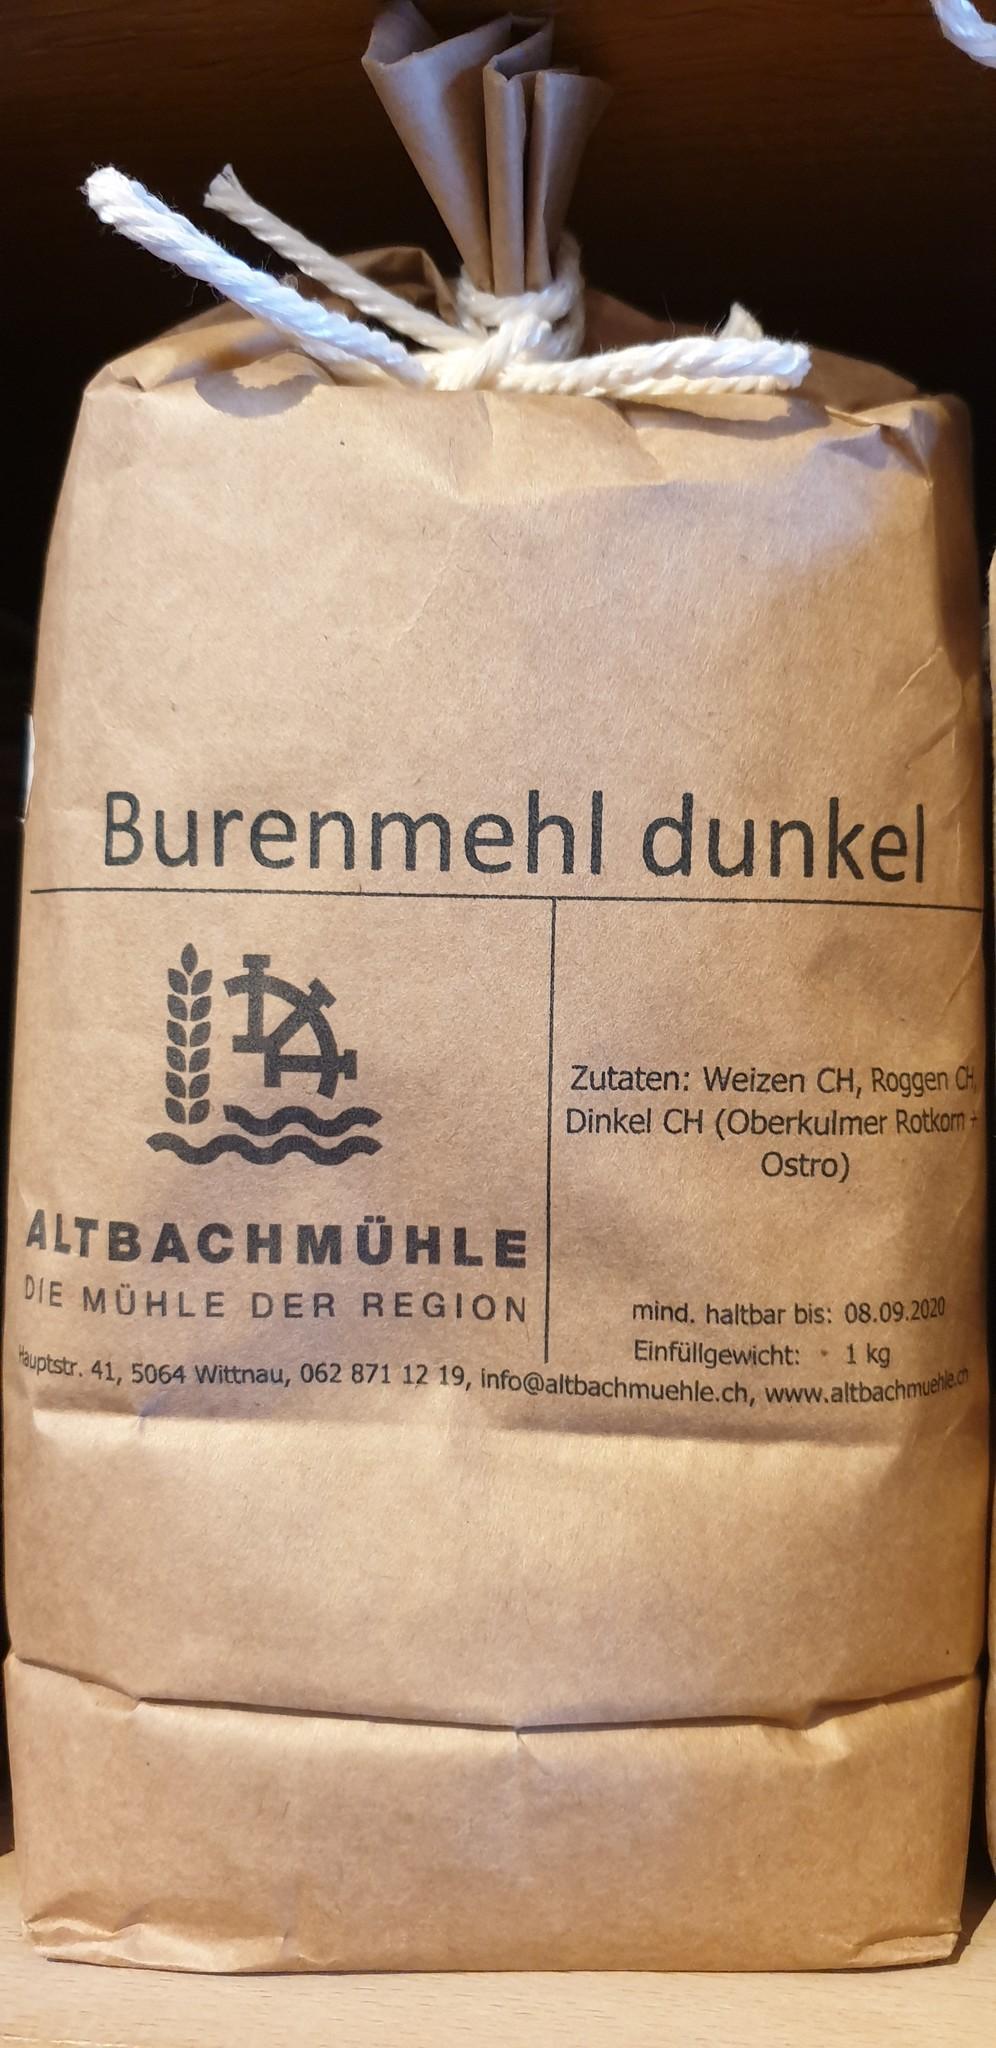 Altbachmühle Burenmehl dunkel 1kg Altbachmühle